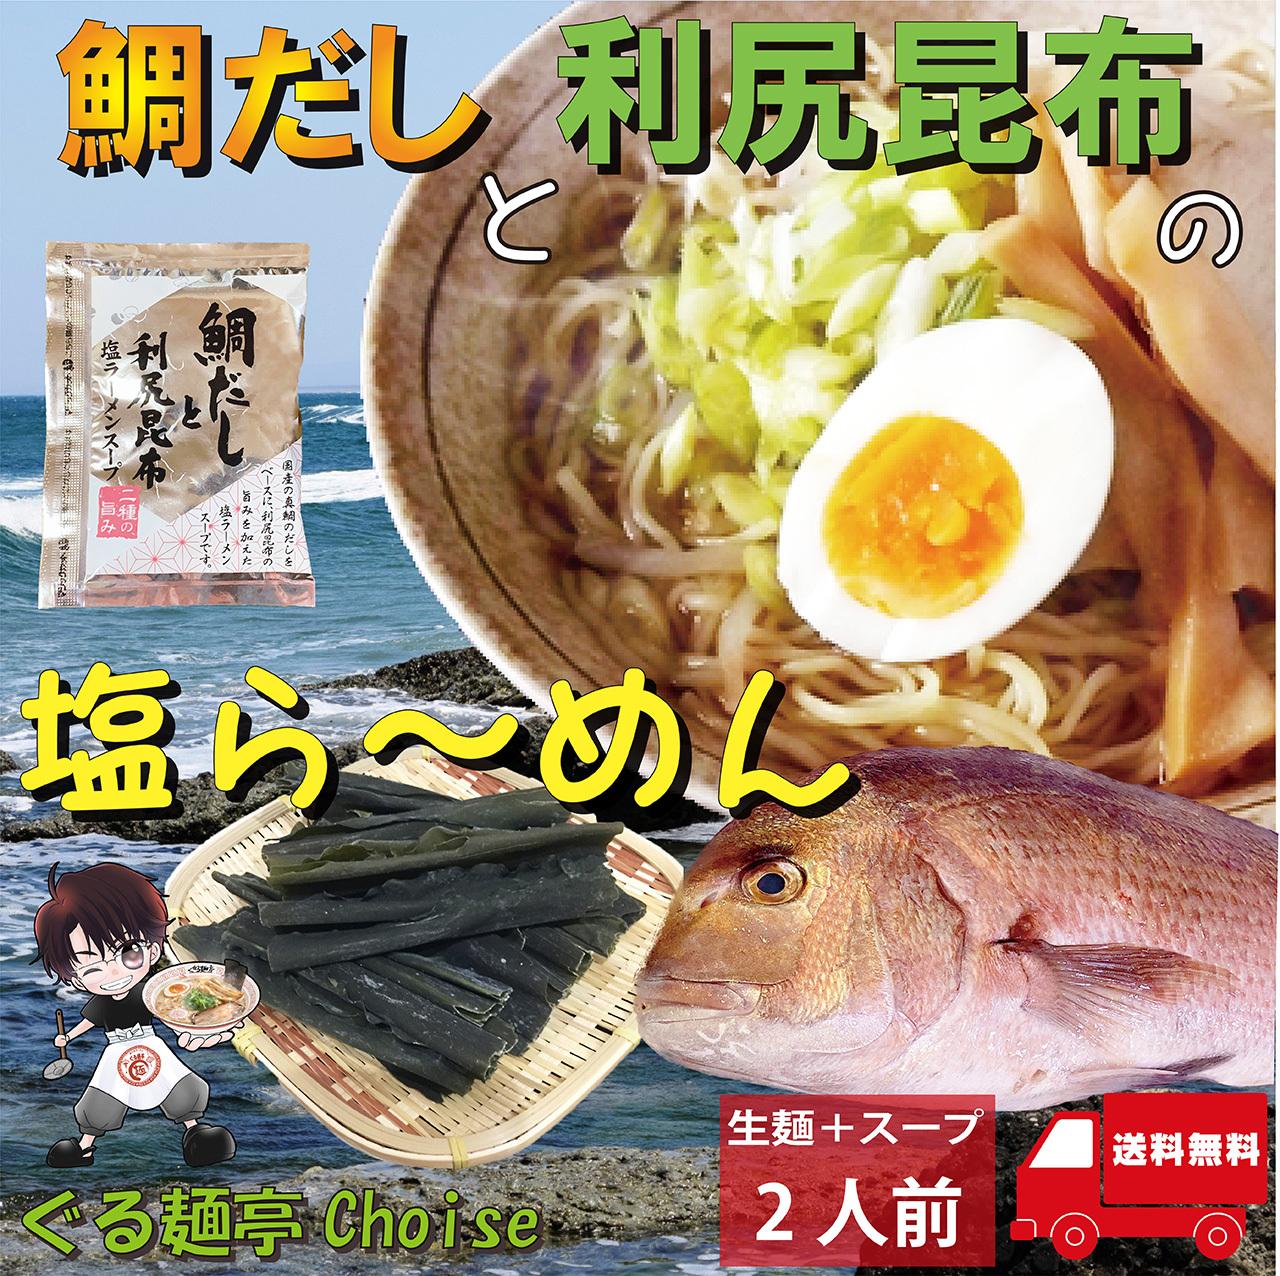 真鯛だし利尻昆布 塩ラーメン 常温保存 生麺 2食(スープ付き)【送料無料】 ぐる麺亭choice